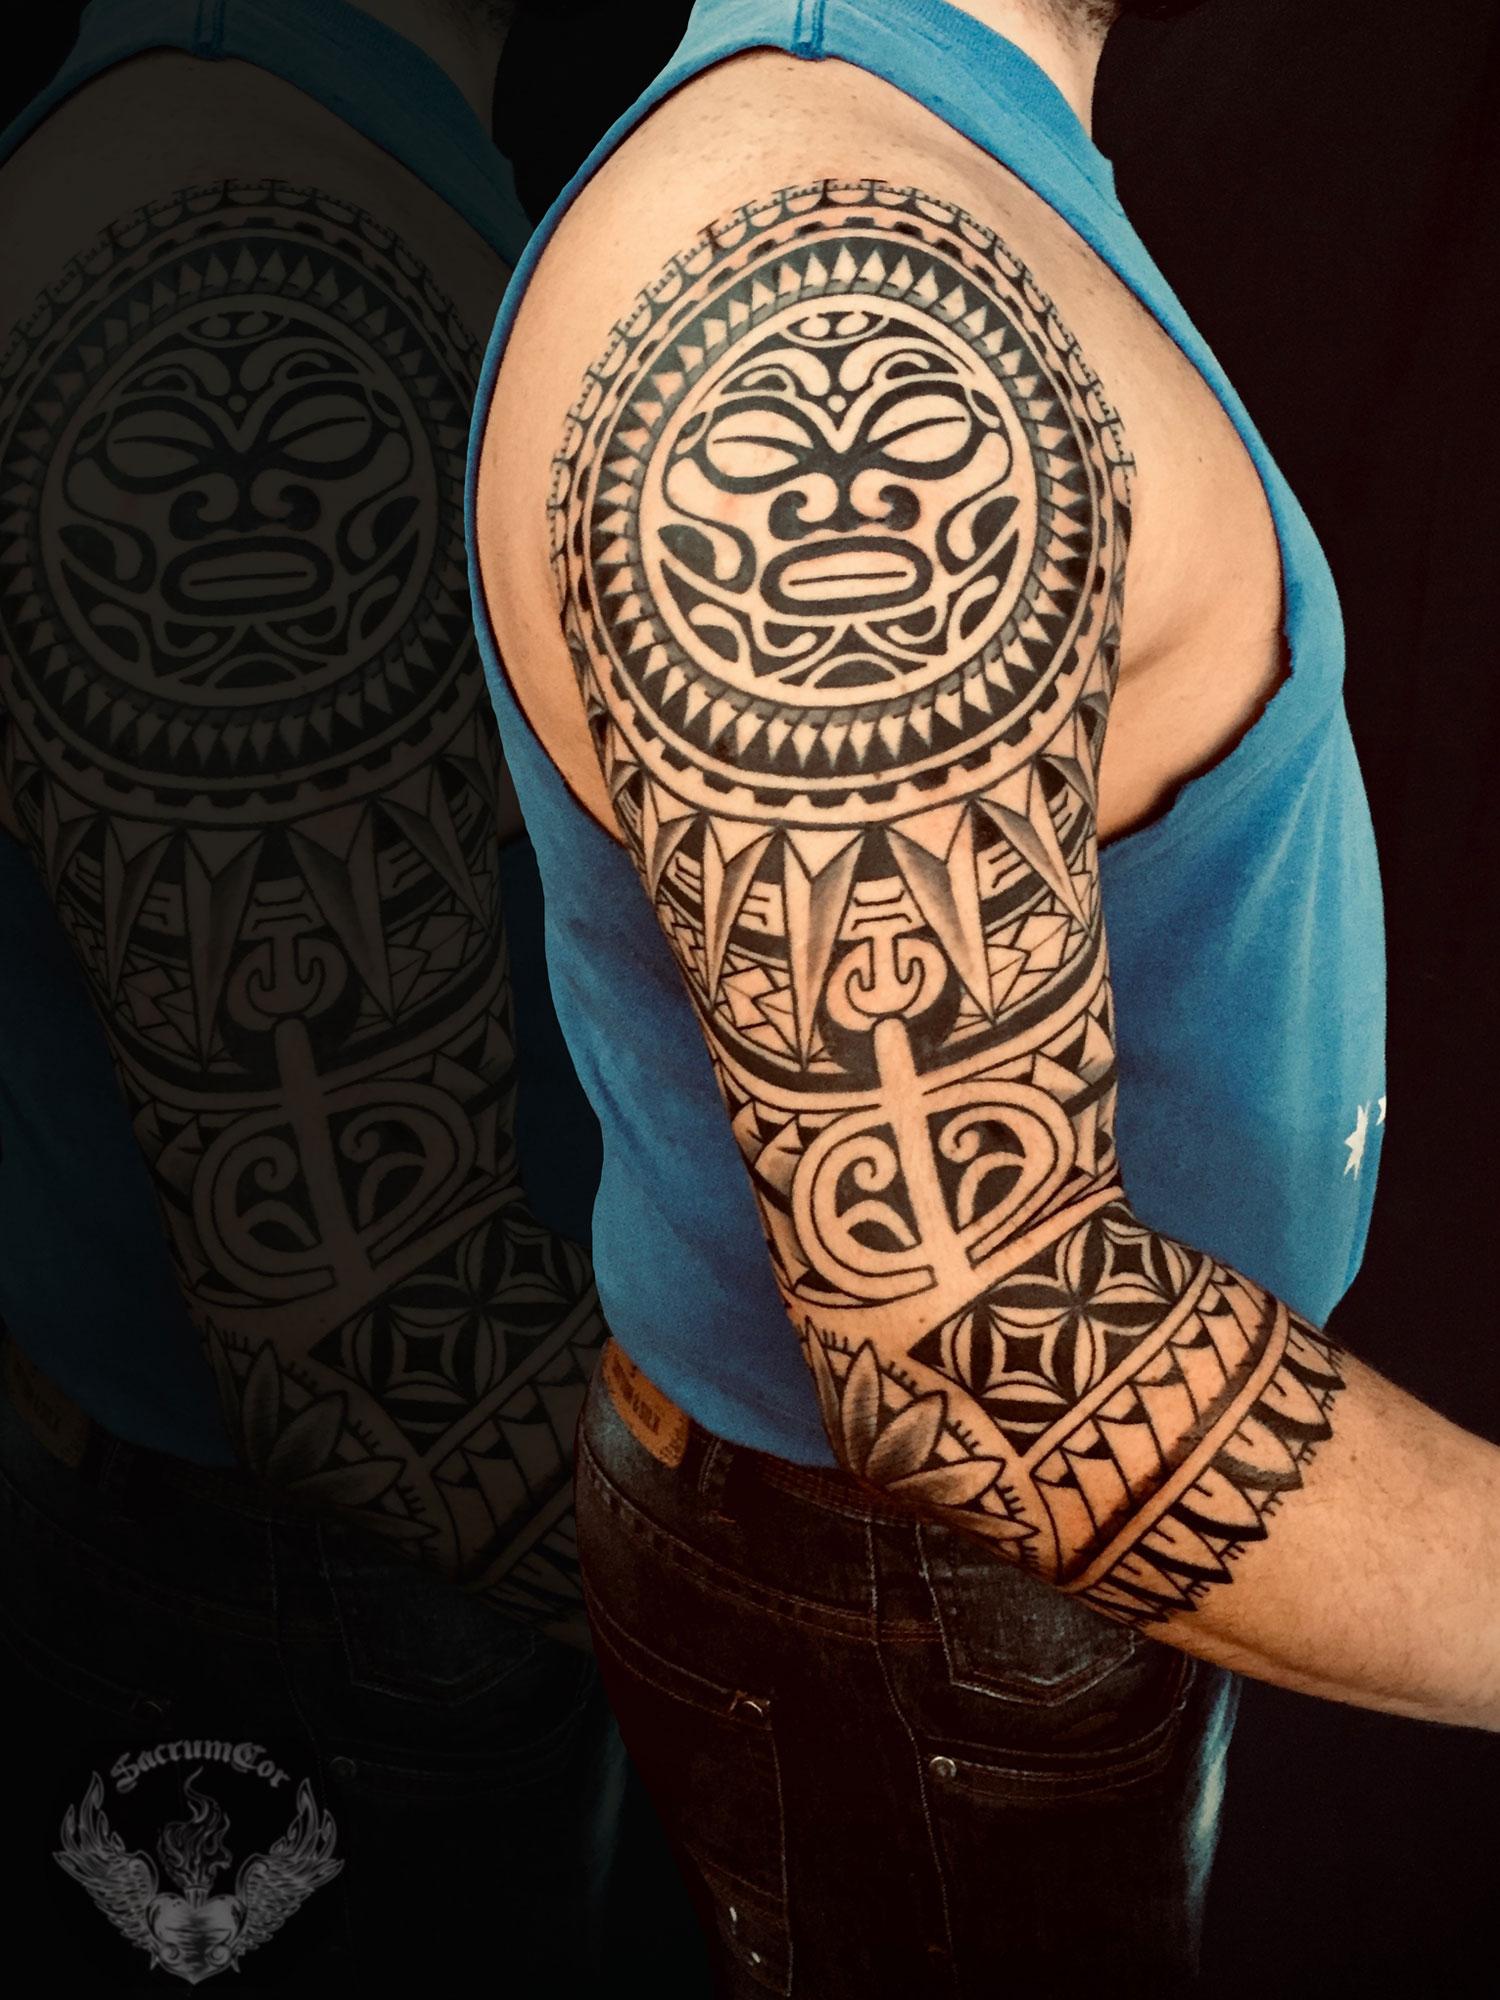 tattoo-tatuaggio-stile-polinesiano-spalla-braccio-italia-tatuatori-vicenza-veneto